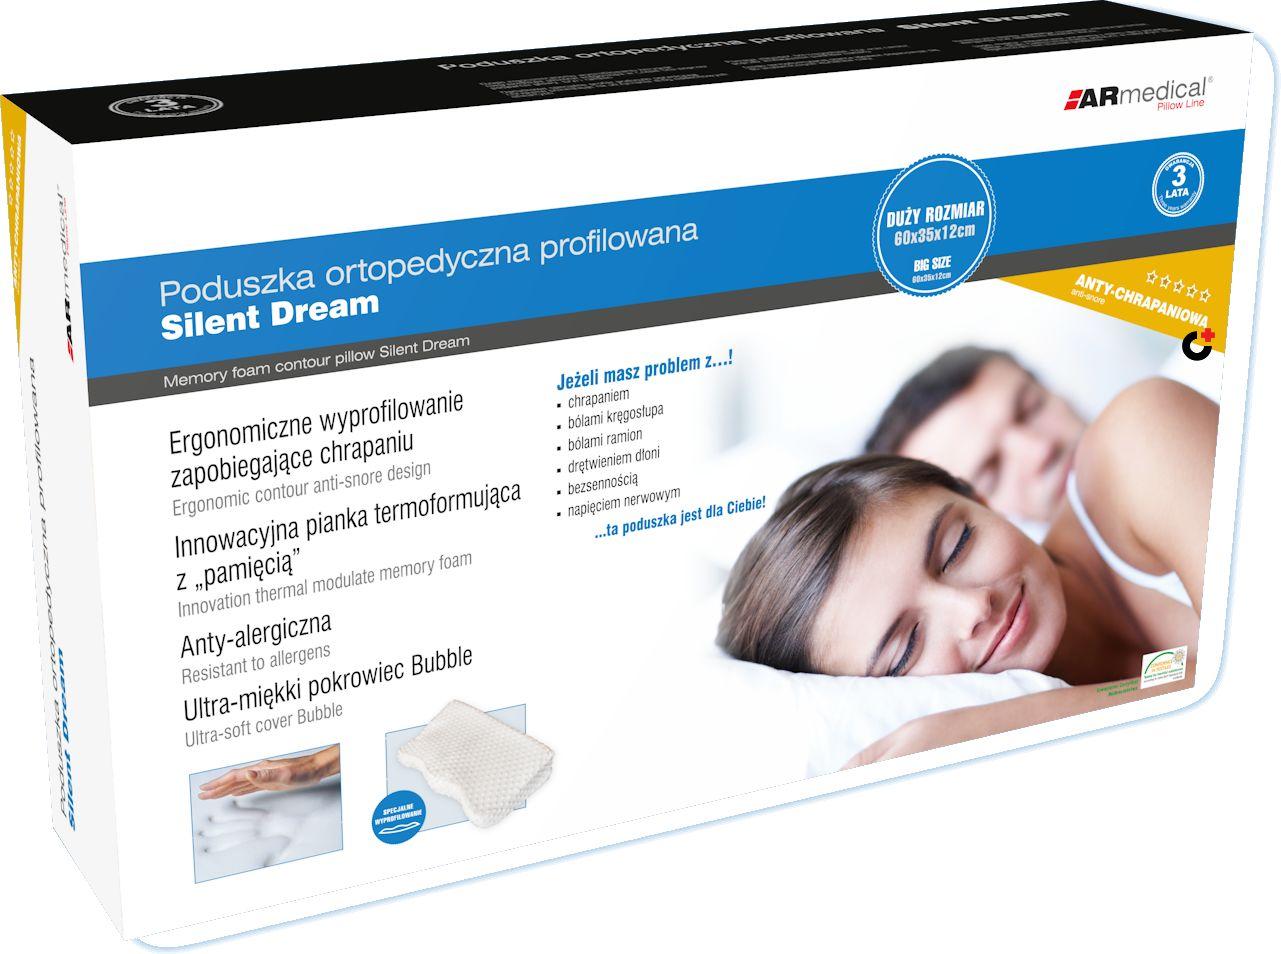 Bardzo Duża poduszka ORTOPEDYCZNA z systemem zapobiegającym chrapaniu (silent dream MFP-6035)